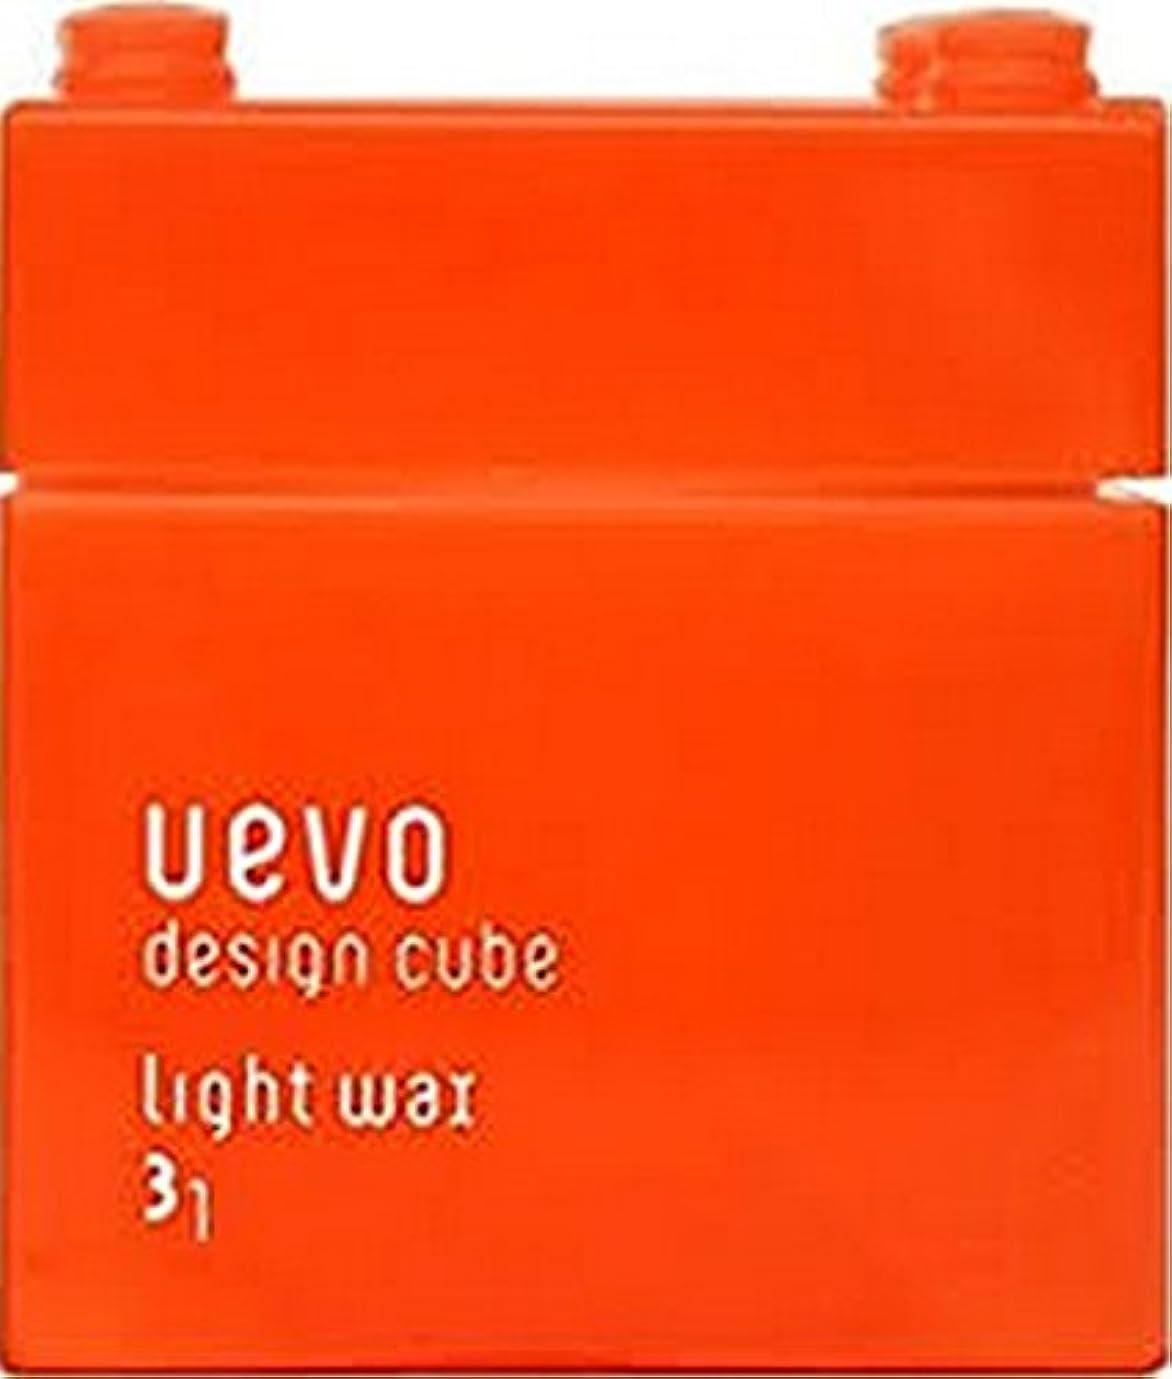 十分です反発する偽【デミコスメティクス】ウェーボ デザインキューブ ラウンドワックス 80g